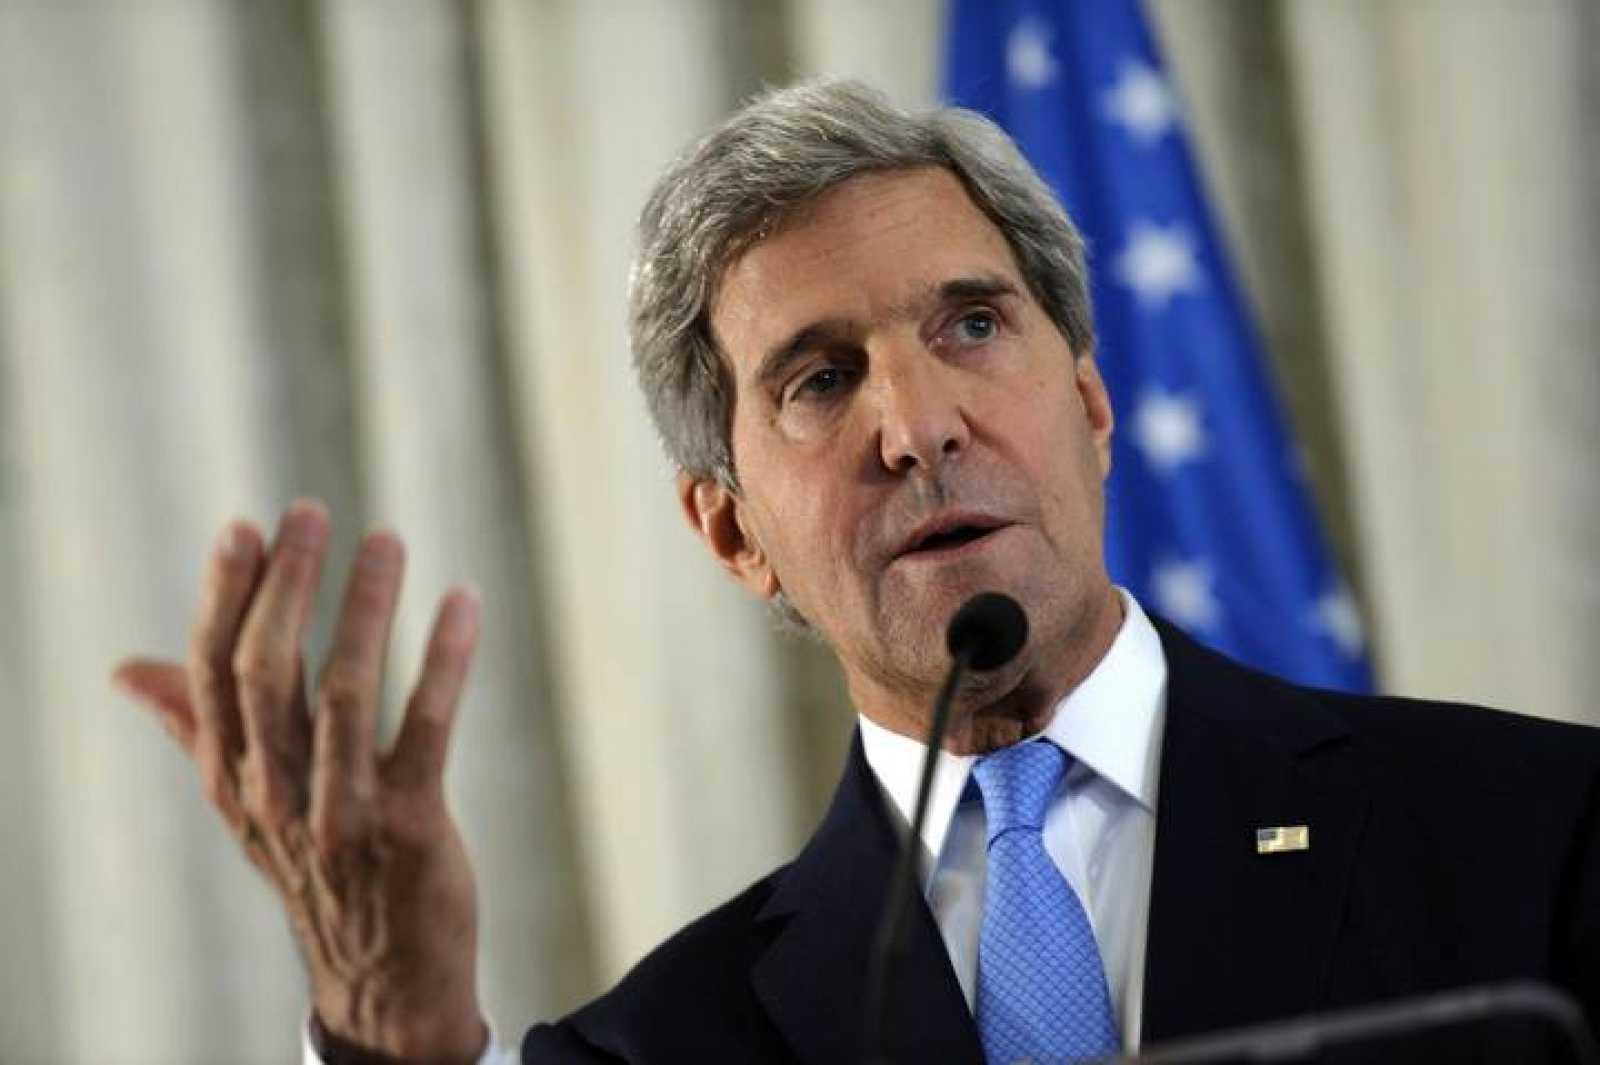 El Secretario de Estado de EE.UU., John Kerry, durante la conferencia de prensa en la embajada de Estados Unidos en París